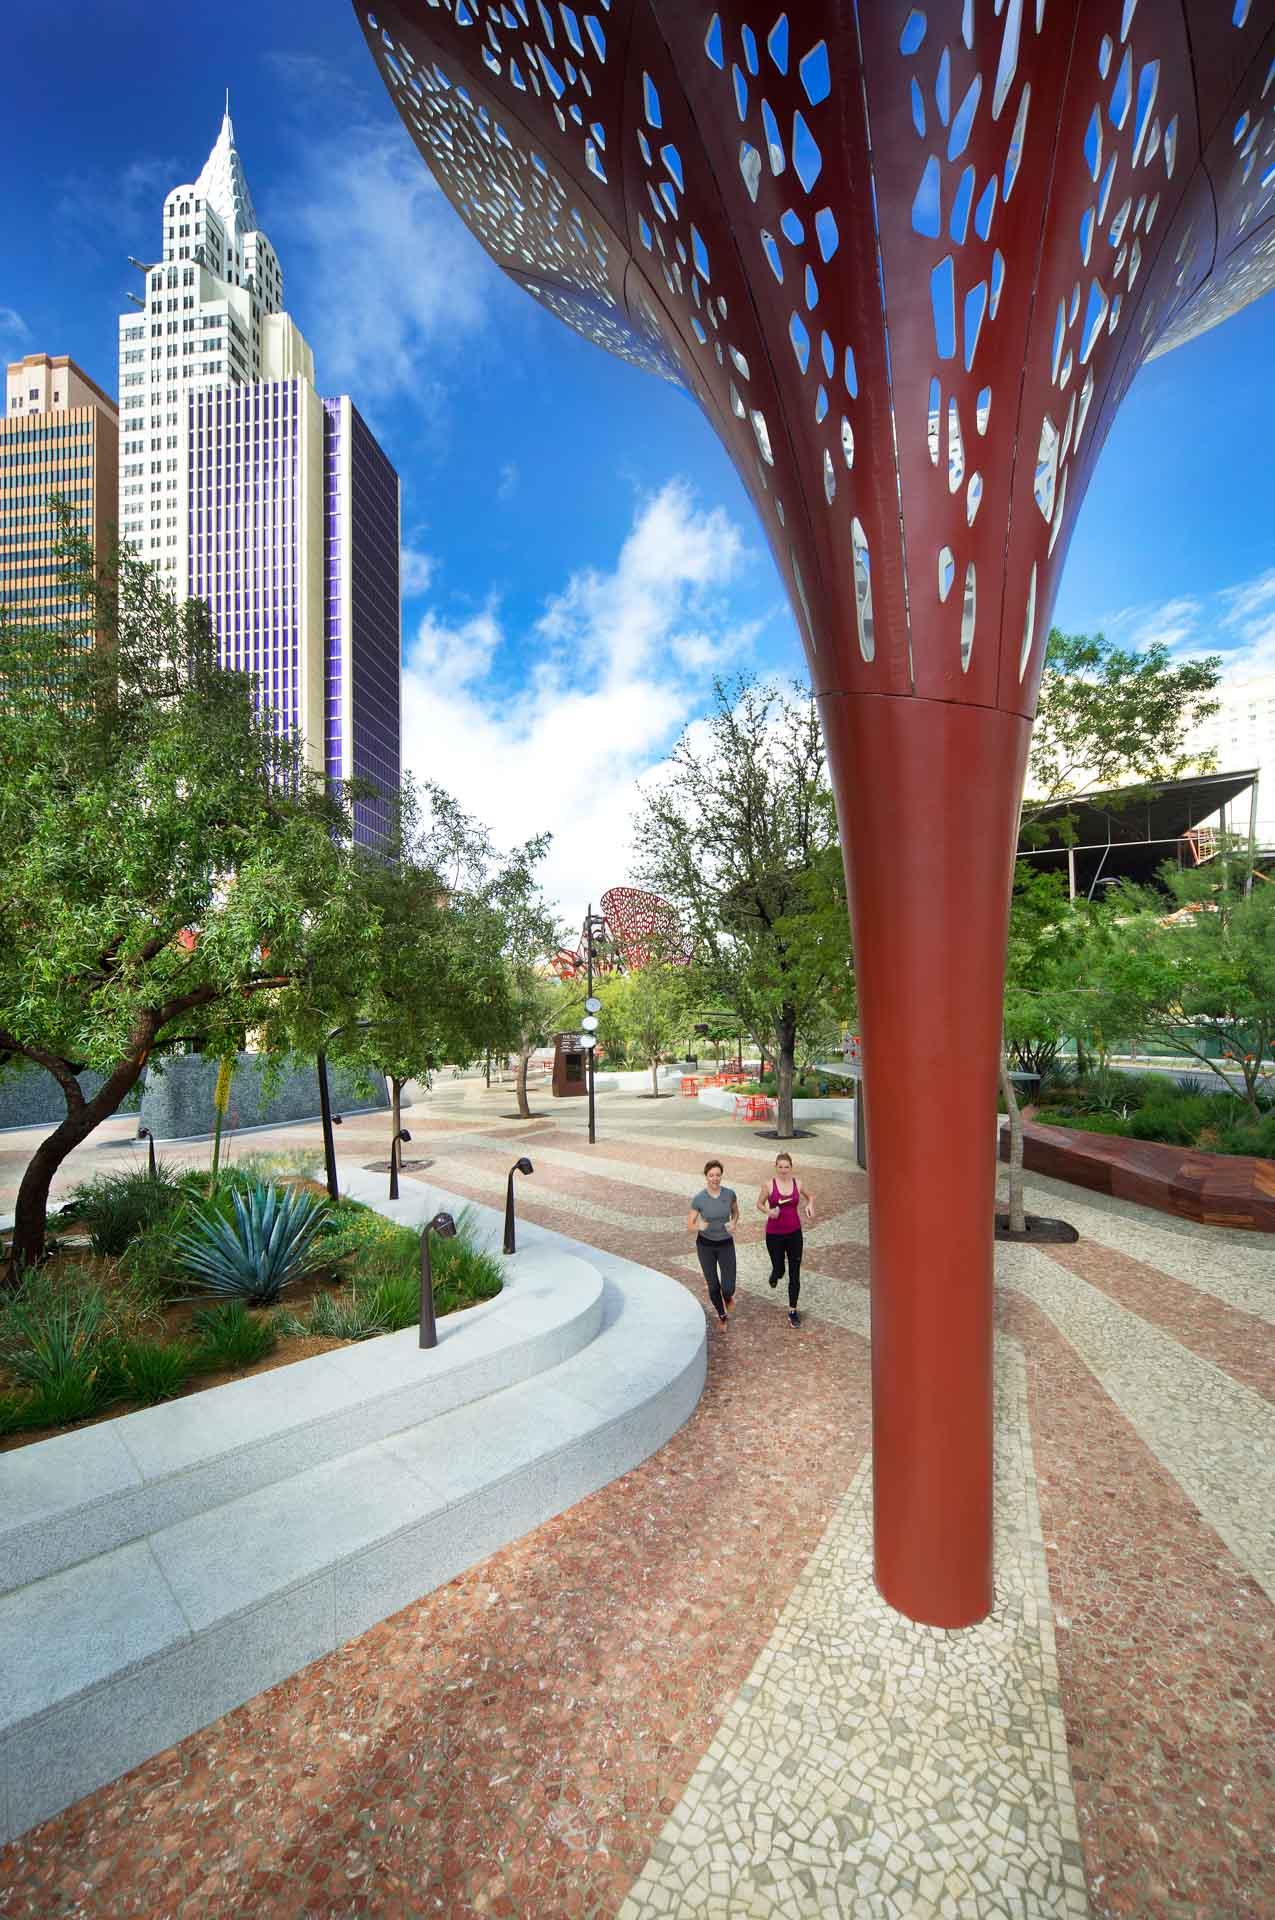 landscape-architecture-urban-design-Las-Vegas-The-Park-2.jpg